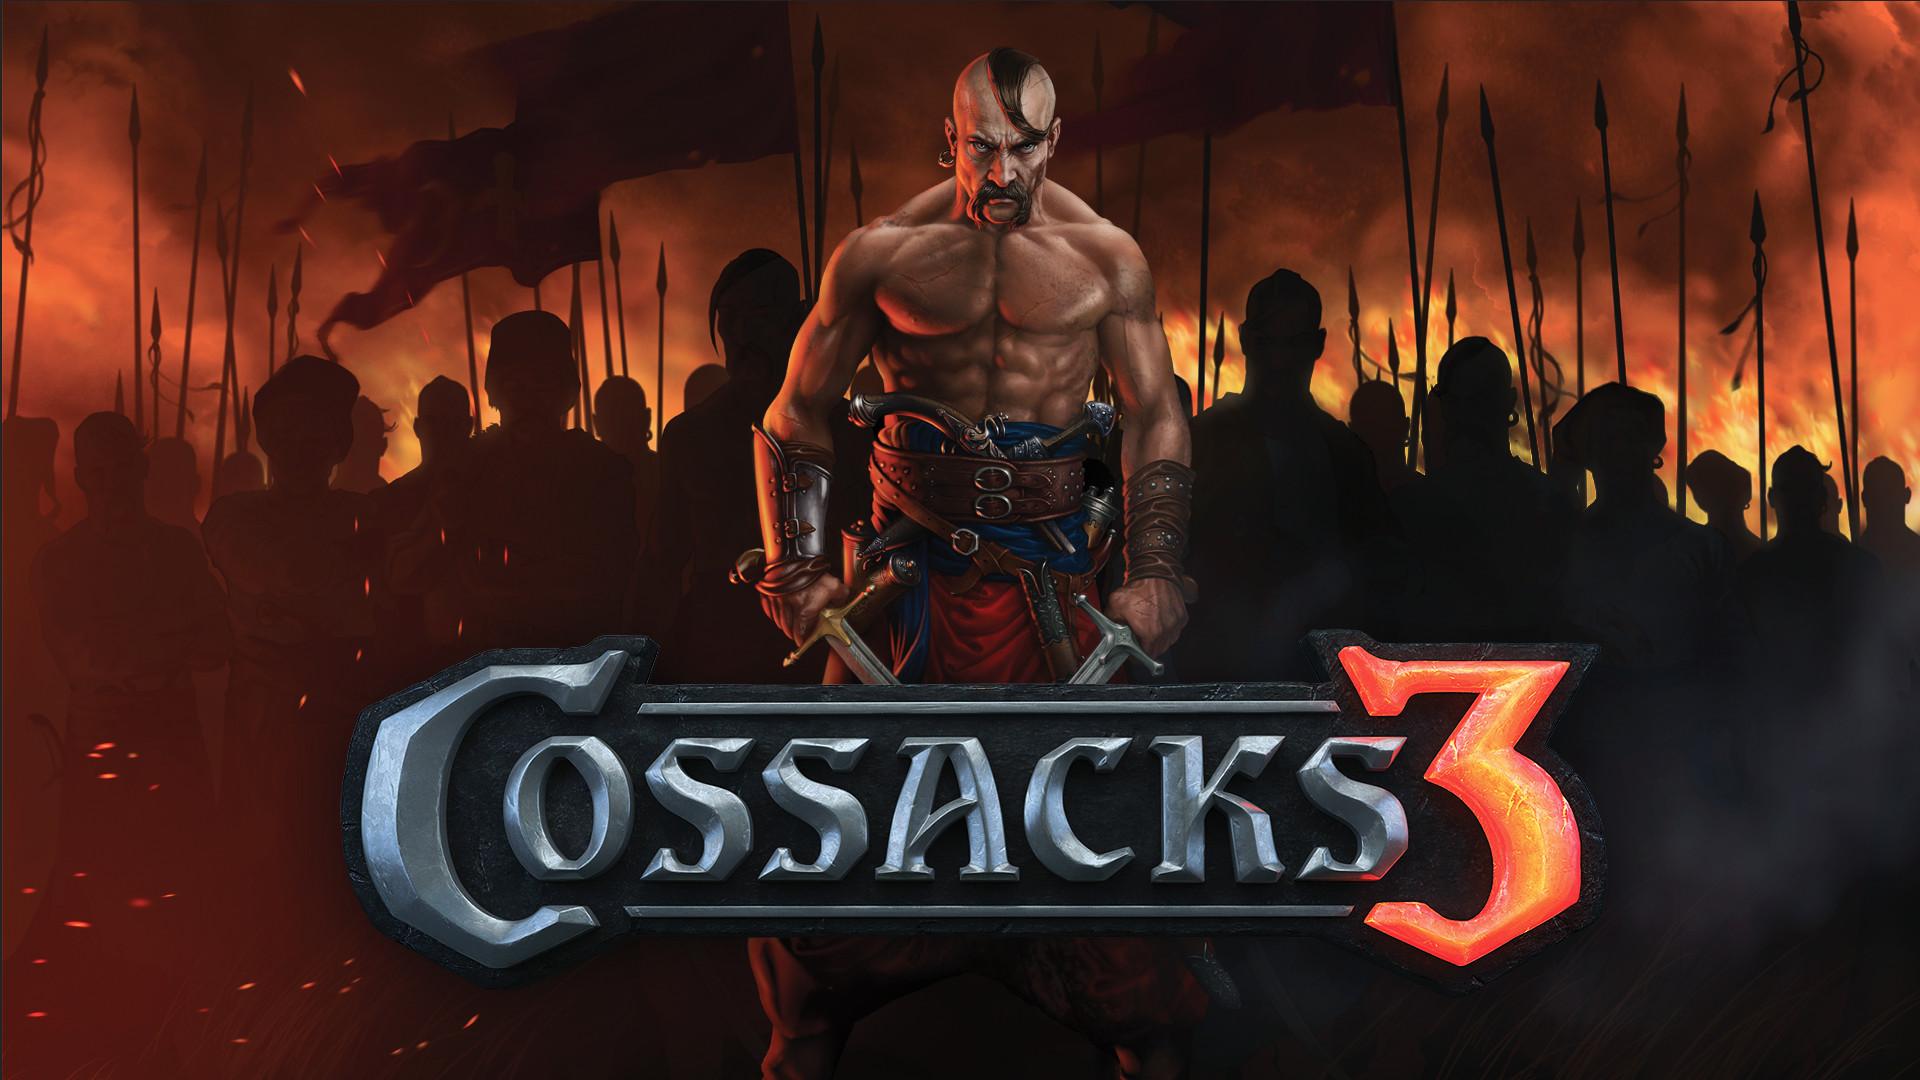 Cossacks3_1920.0.png